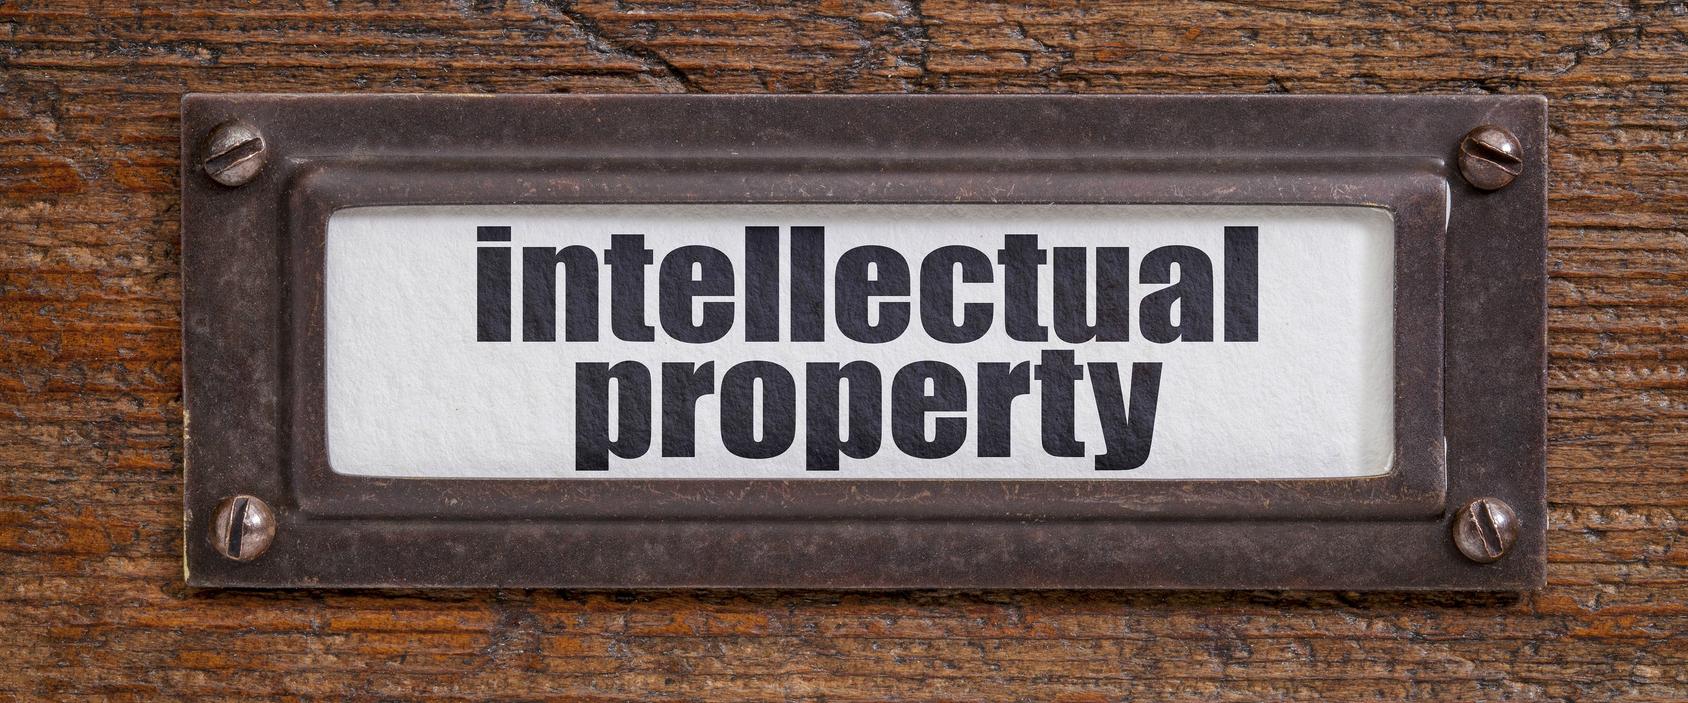 multiple intellectual property complaints